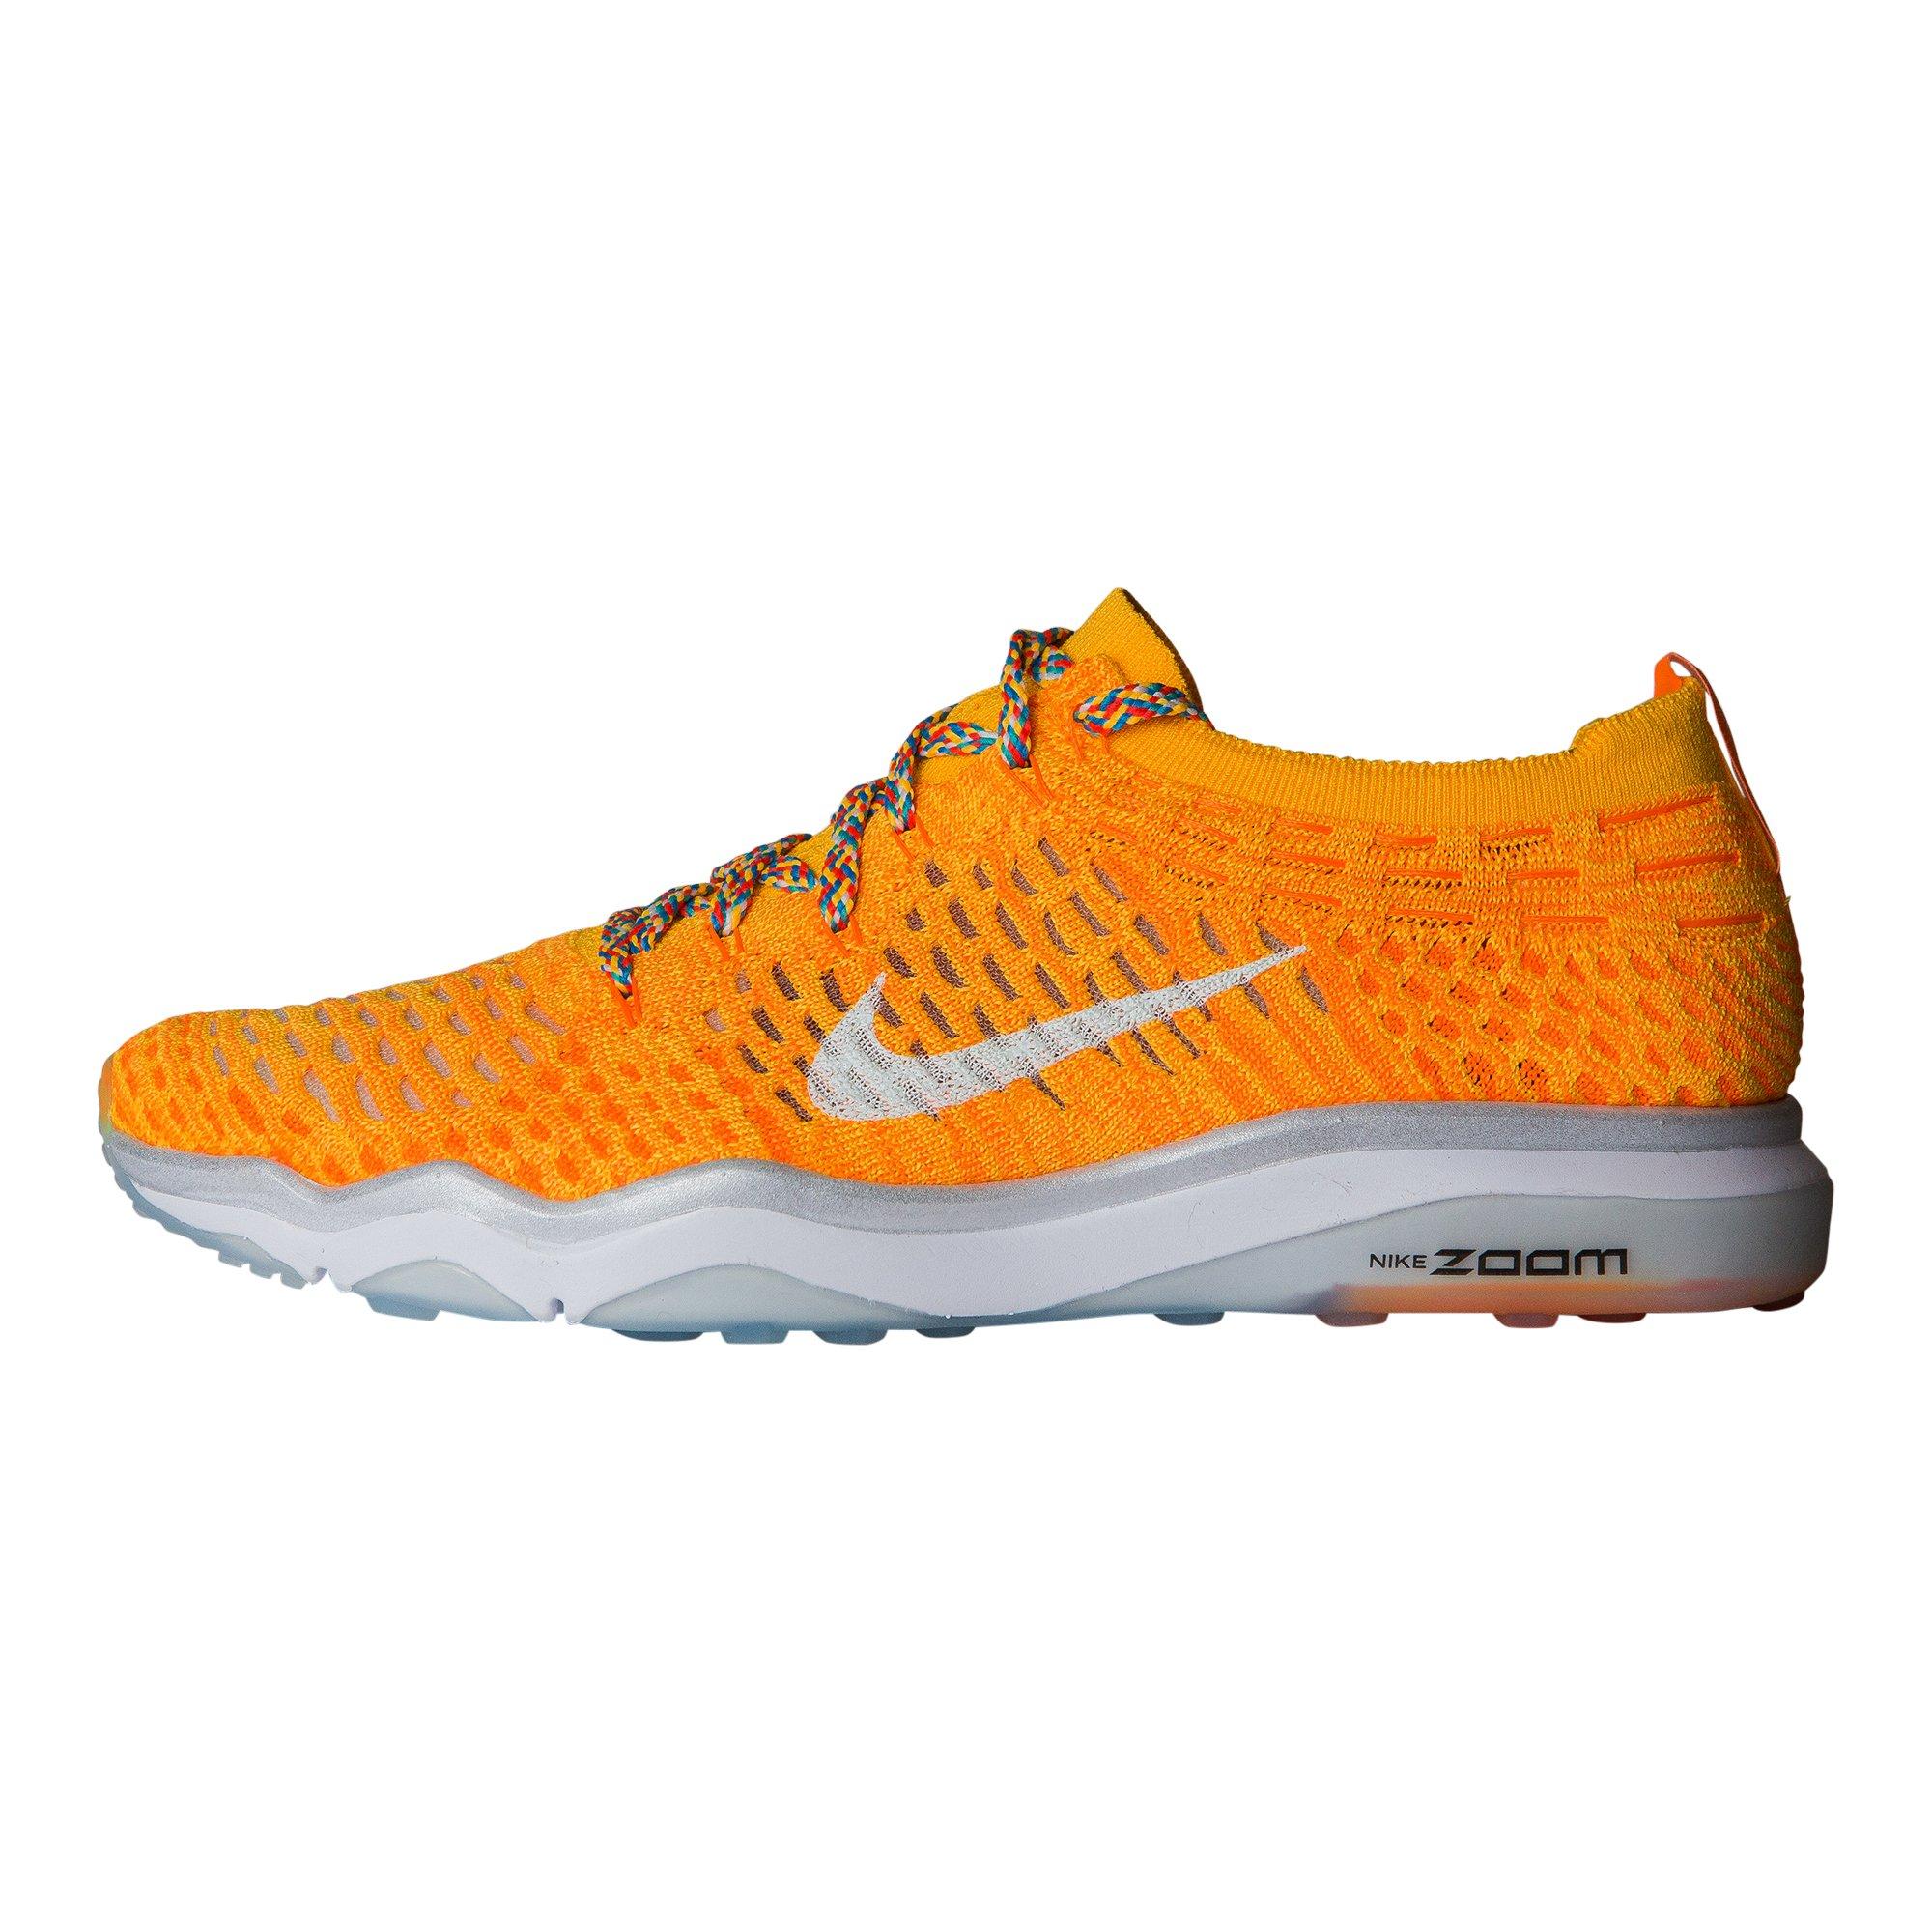 NIKE Women's Air Zoom Fearless FK Running Shoes Laser Orange/White, 8 B(M) US